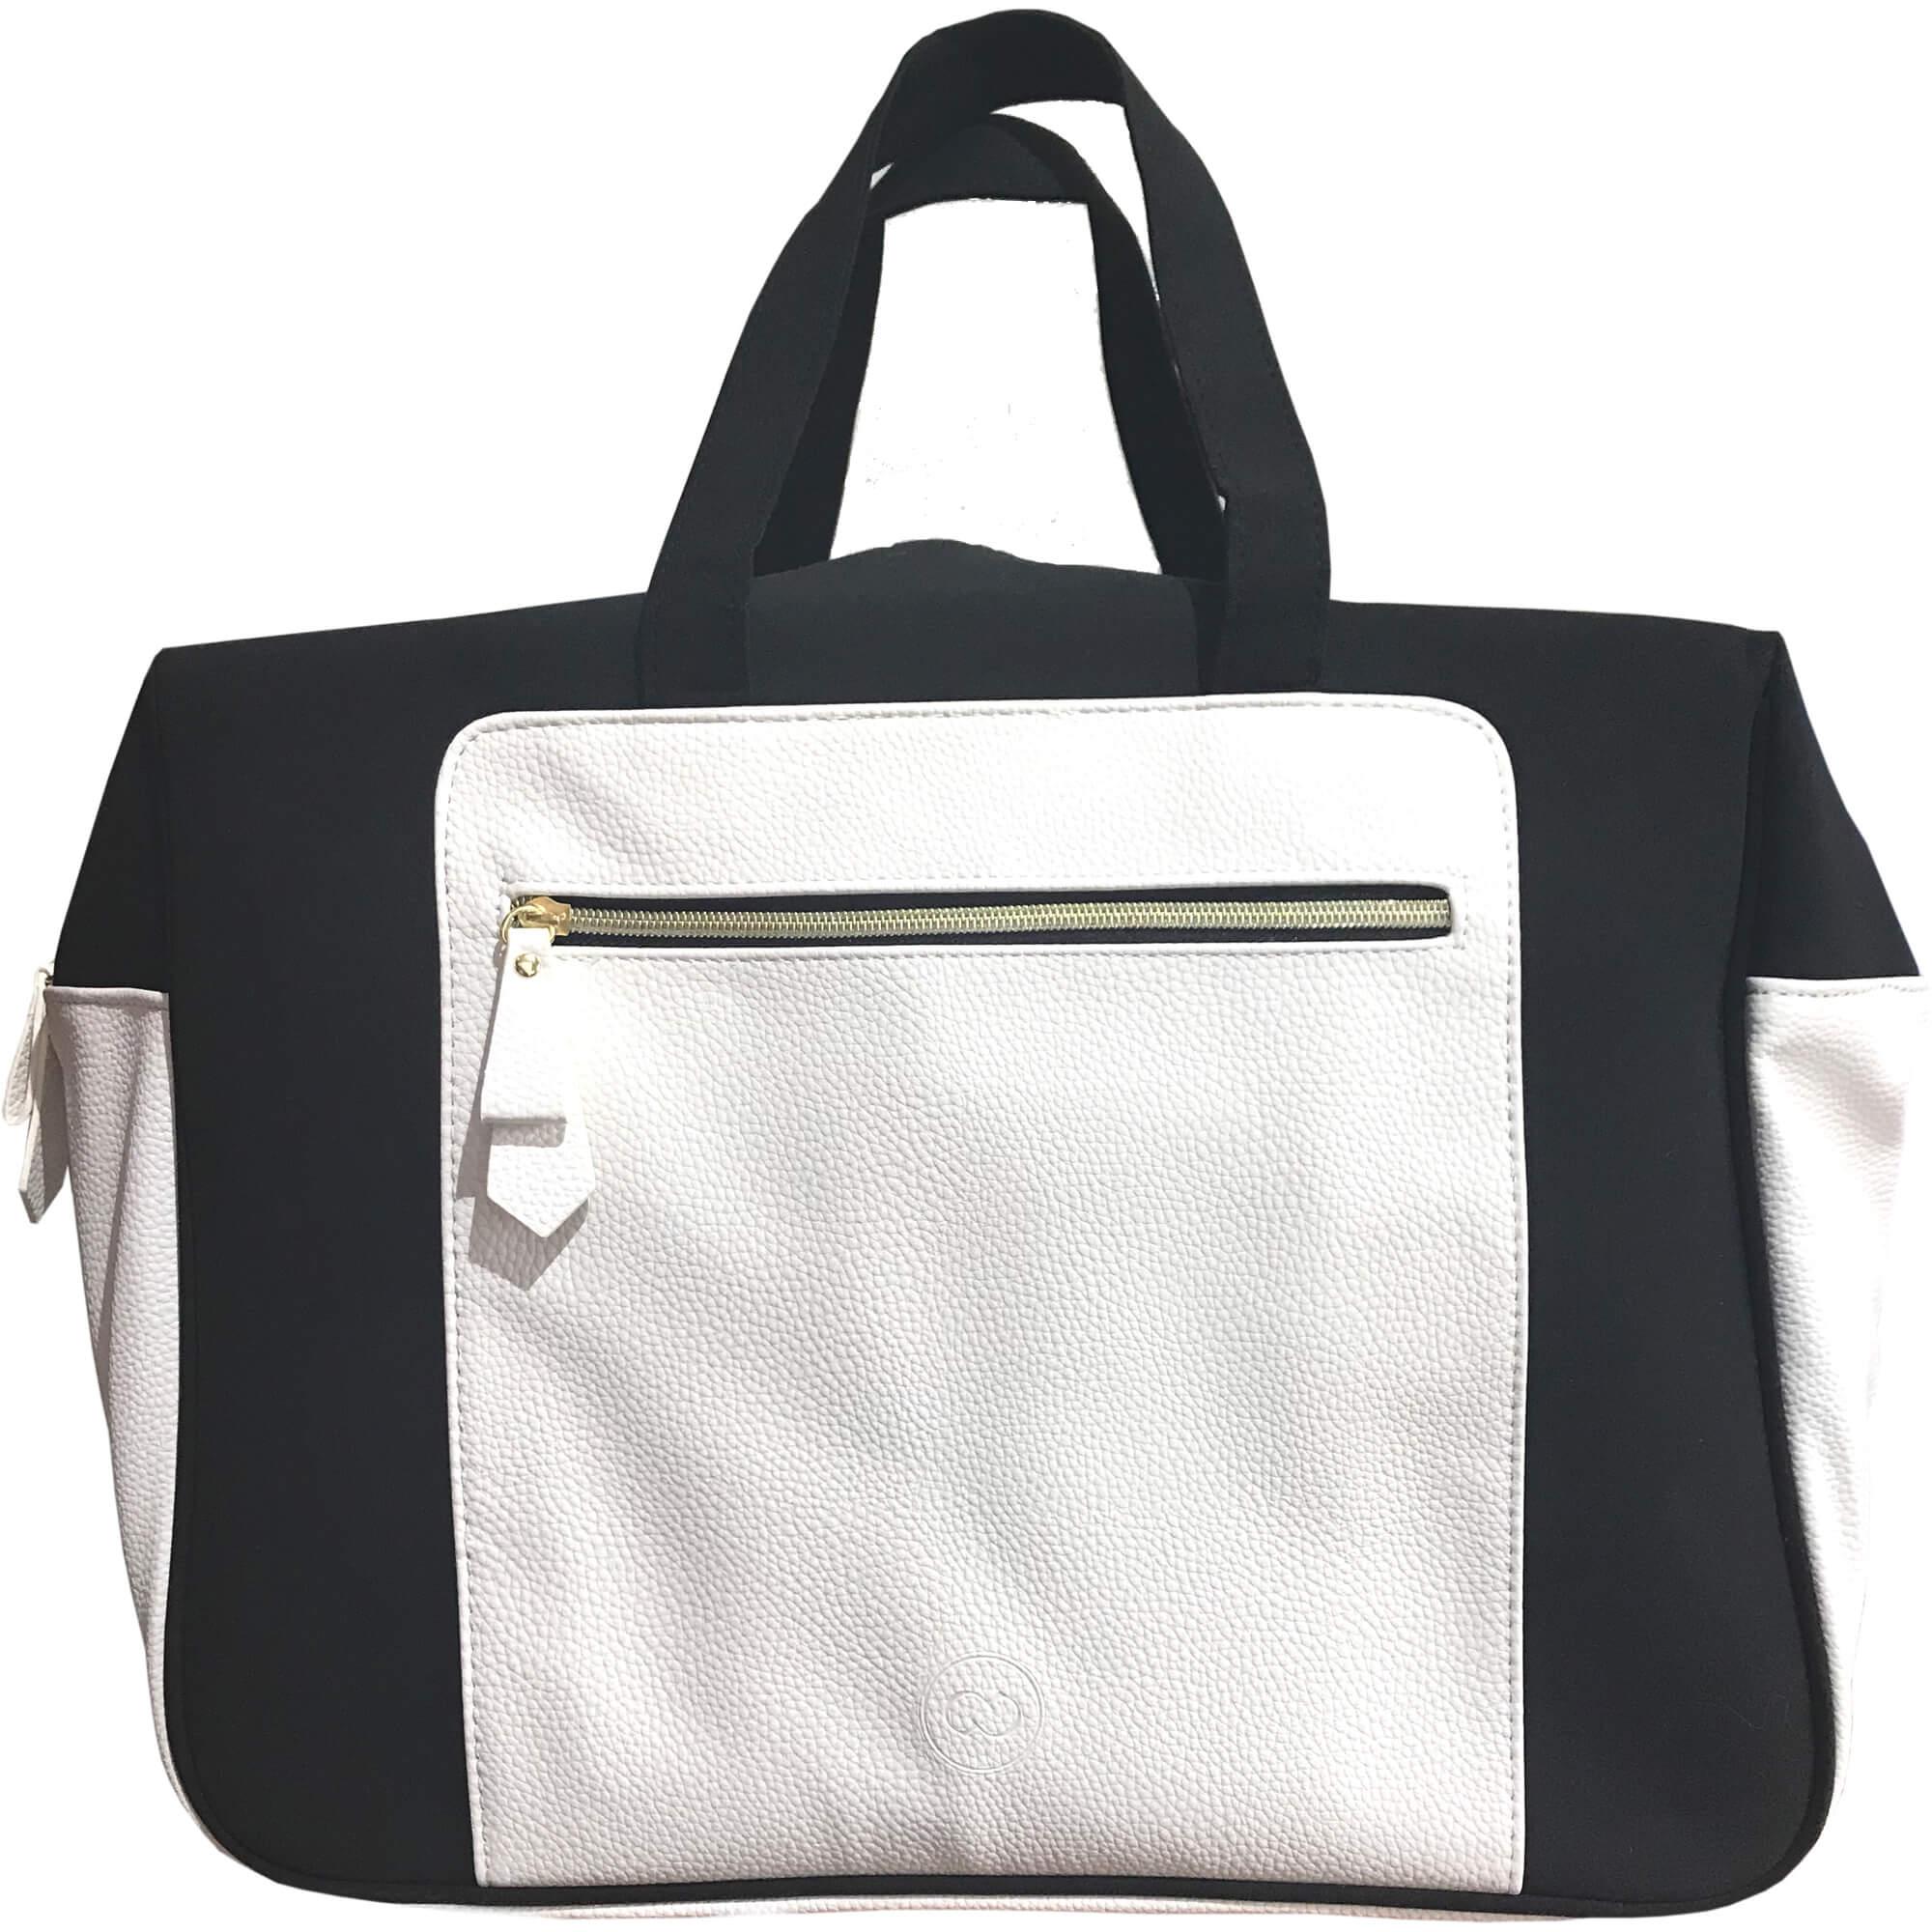 Με αγορές προϊόντων Galenic άνω των 50€ ,δώρο μια Πρακτική Τσάντα Χειρός για τις μικρές σας αποδράσεις